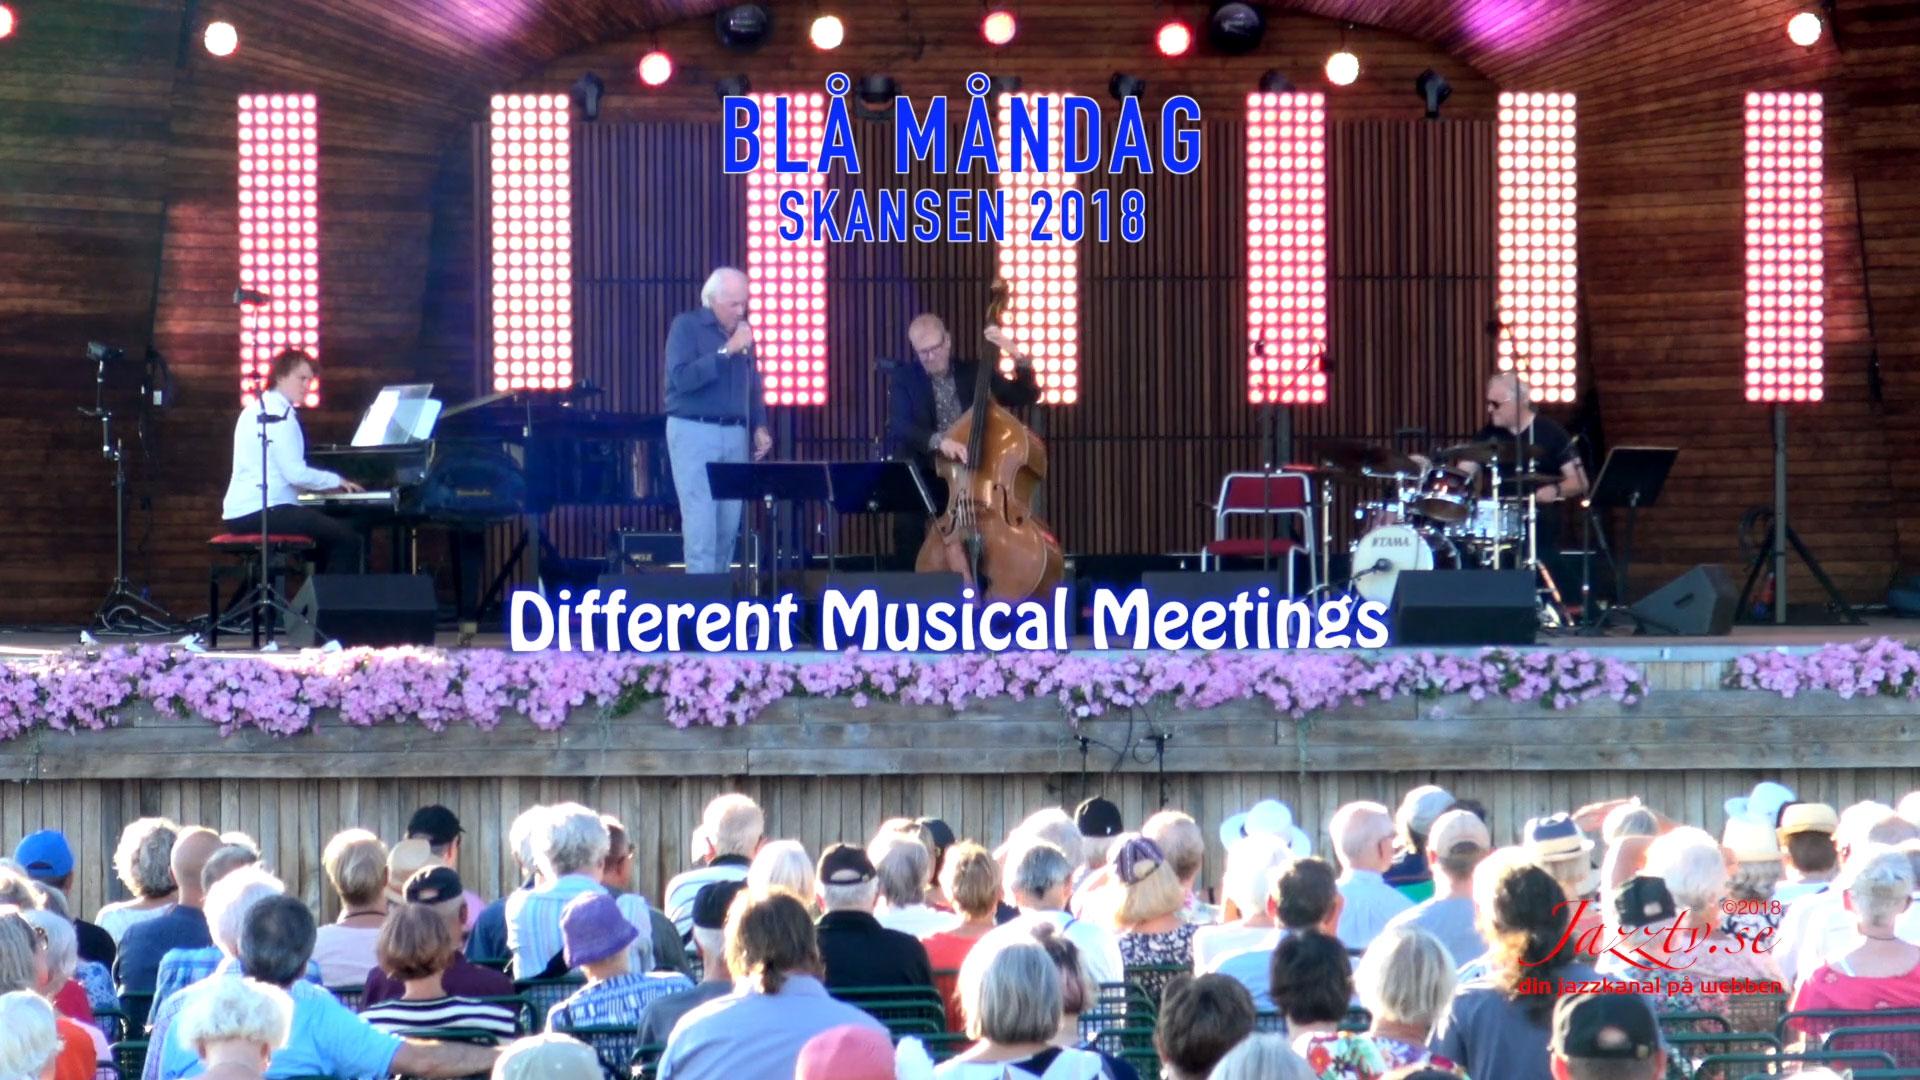 Different Musical Meetings, Skansen 2018